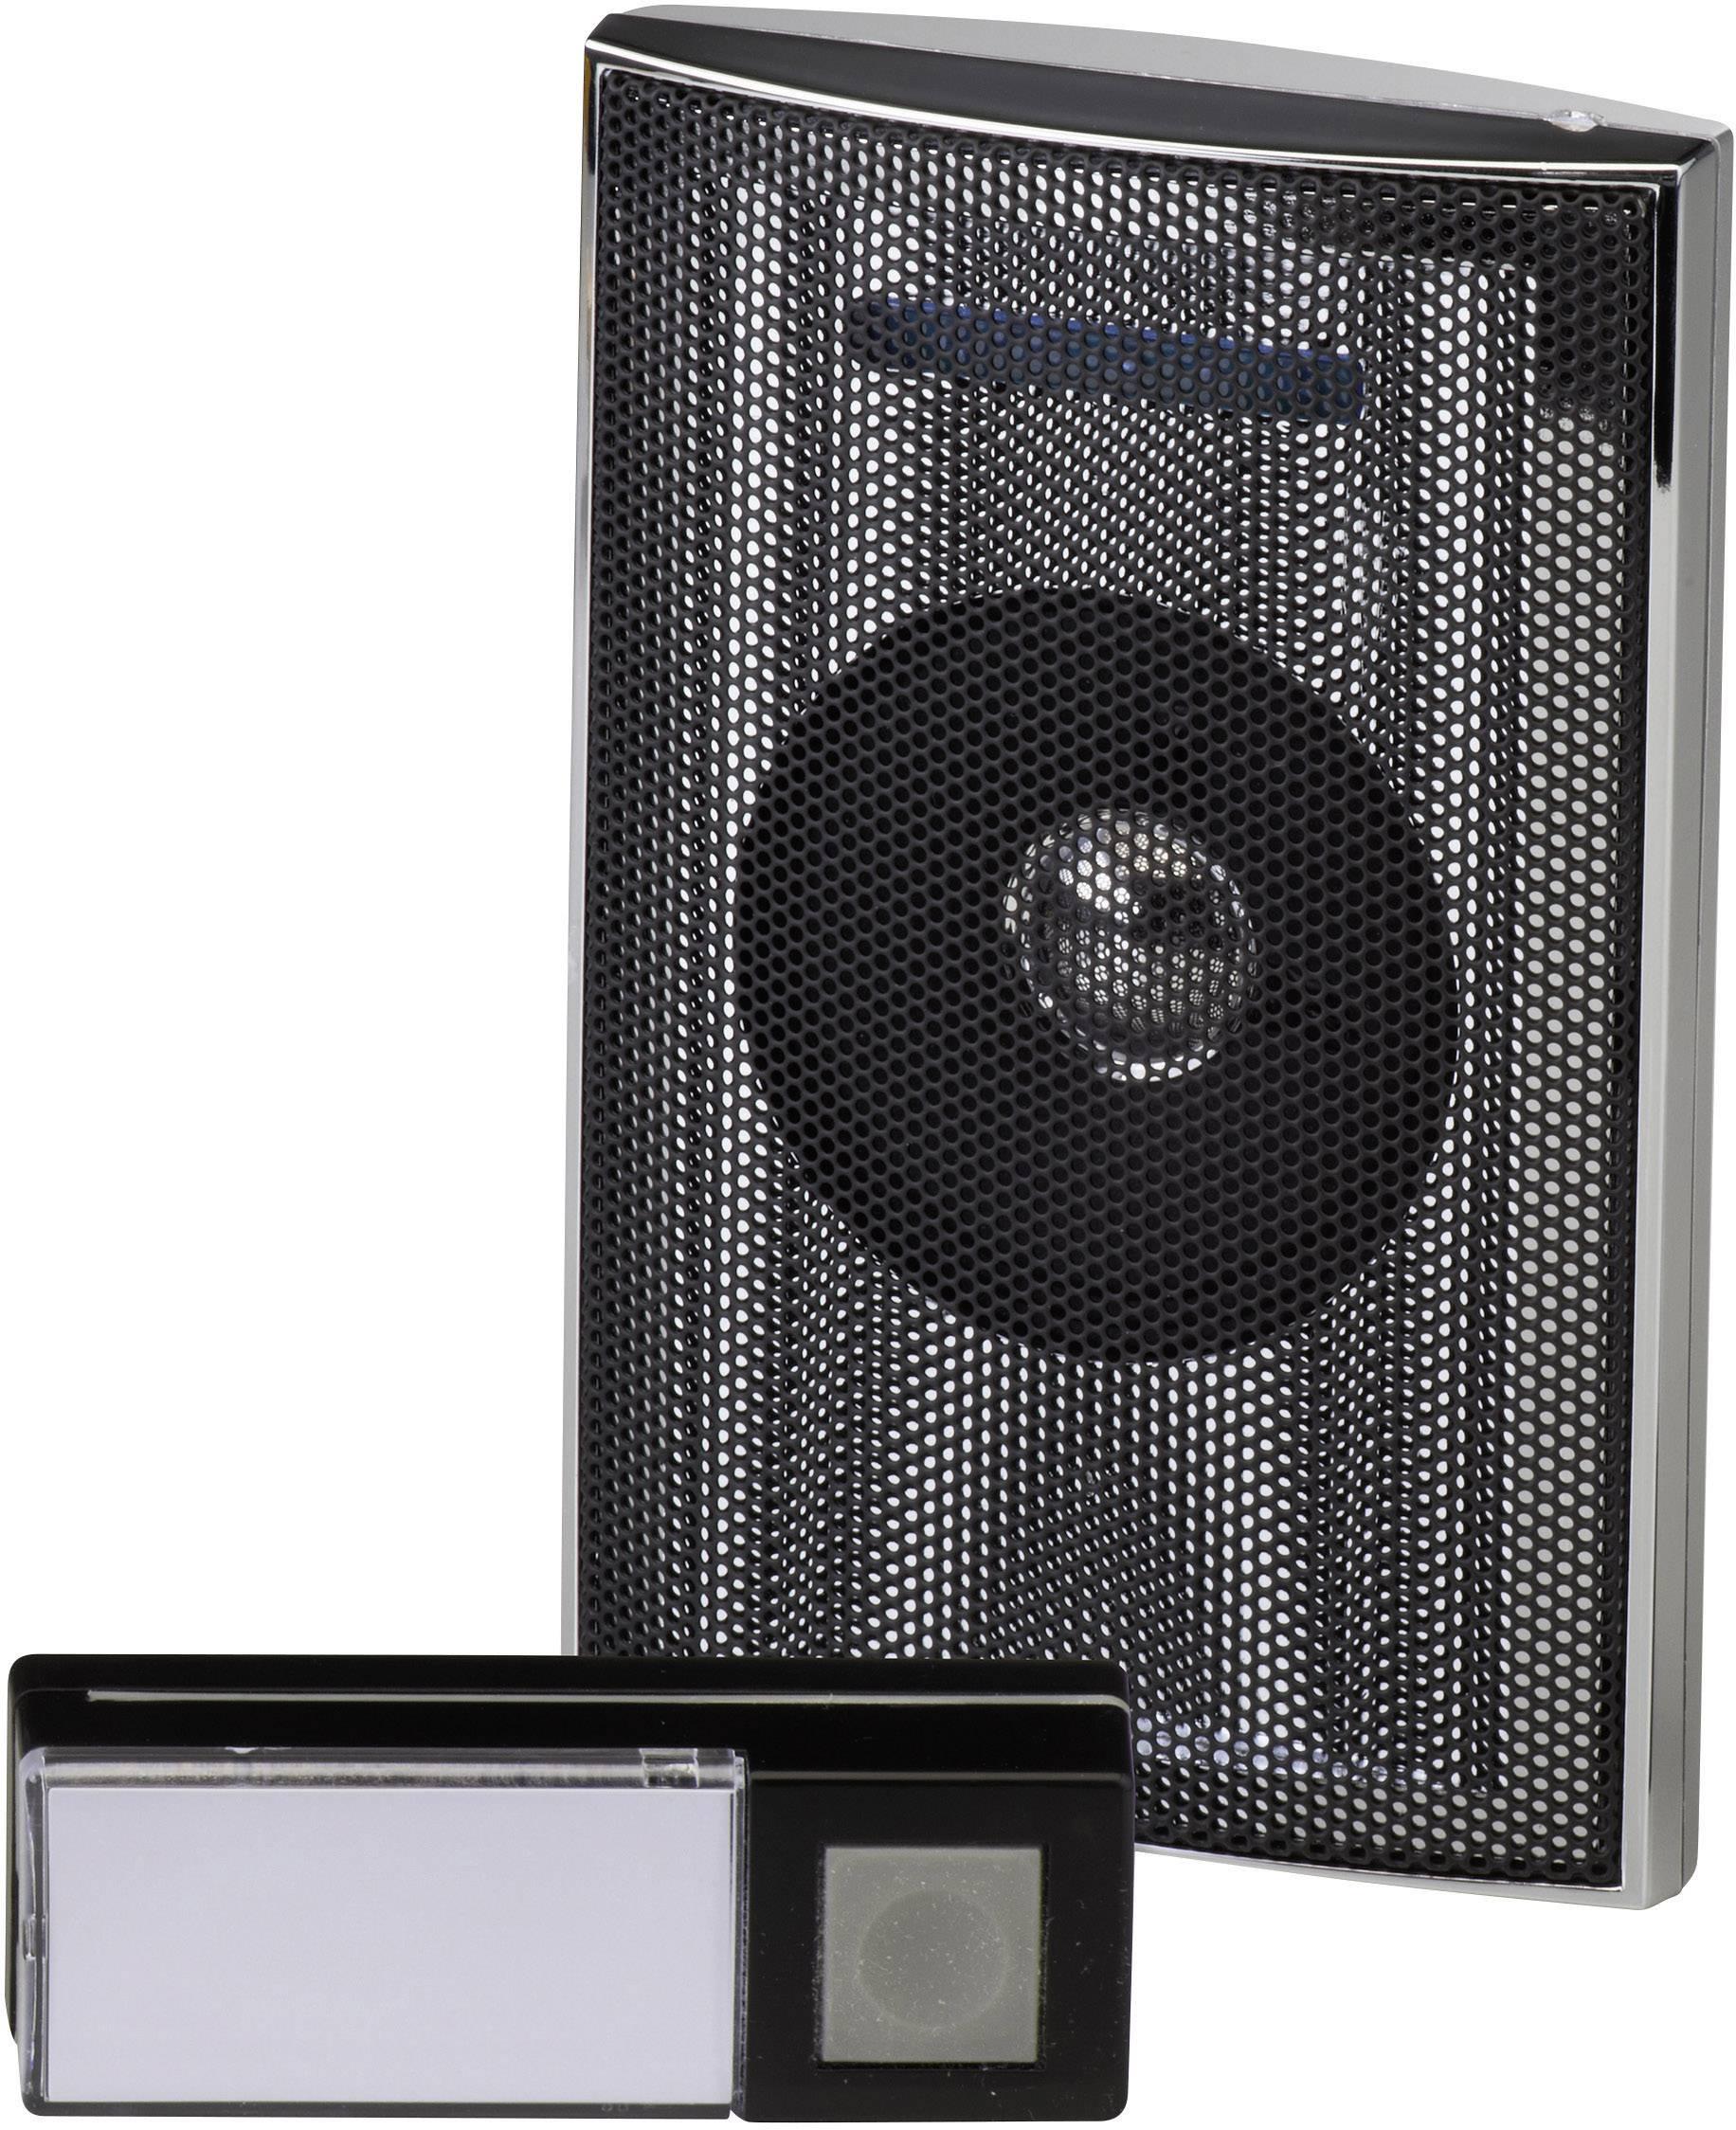 Bezdrátový zvonek HX Music Box Heidemann, 70846, 200 m, stříbrná/antracit/černá